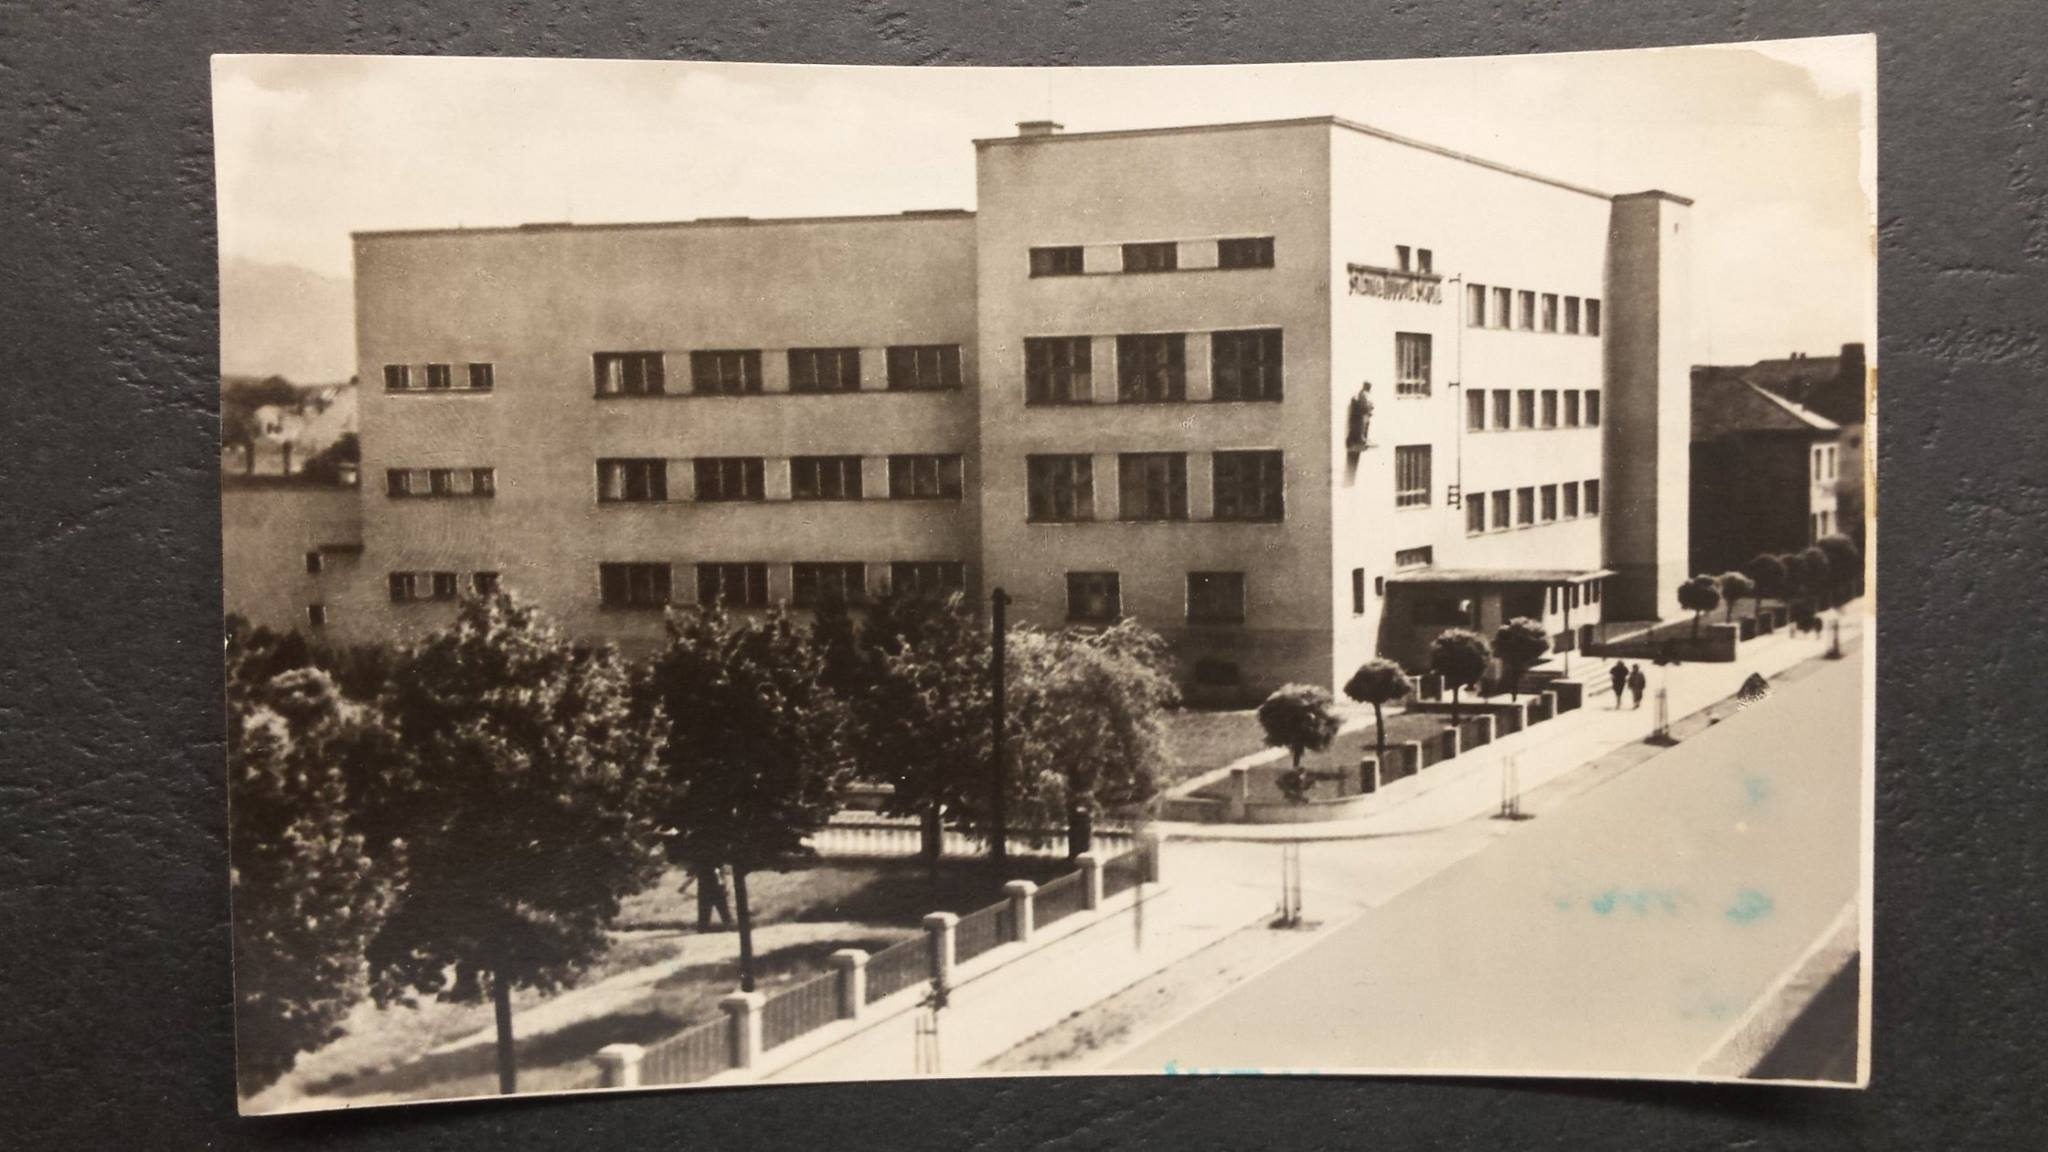 štátna ľudová škola, mudroňova, 60te roky